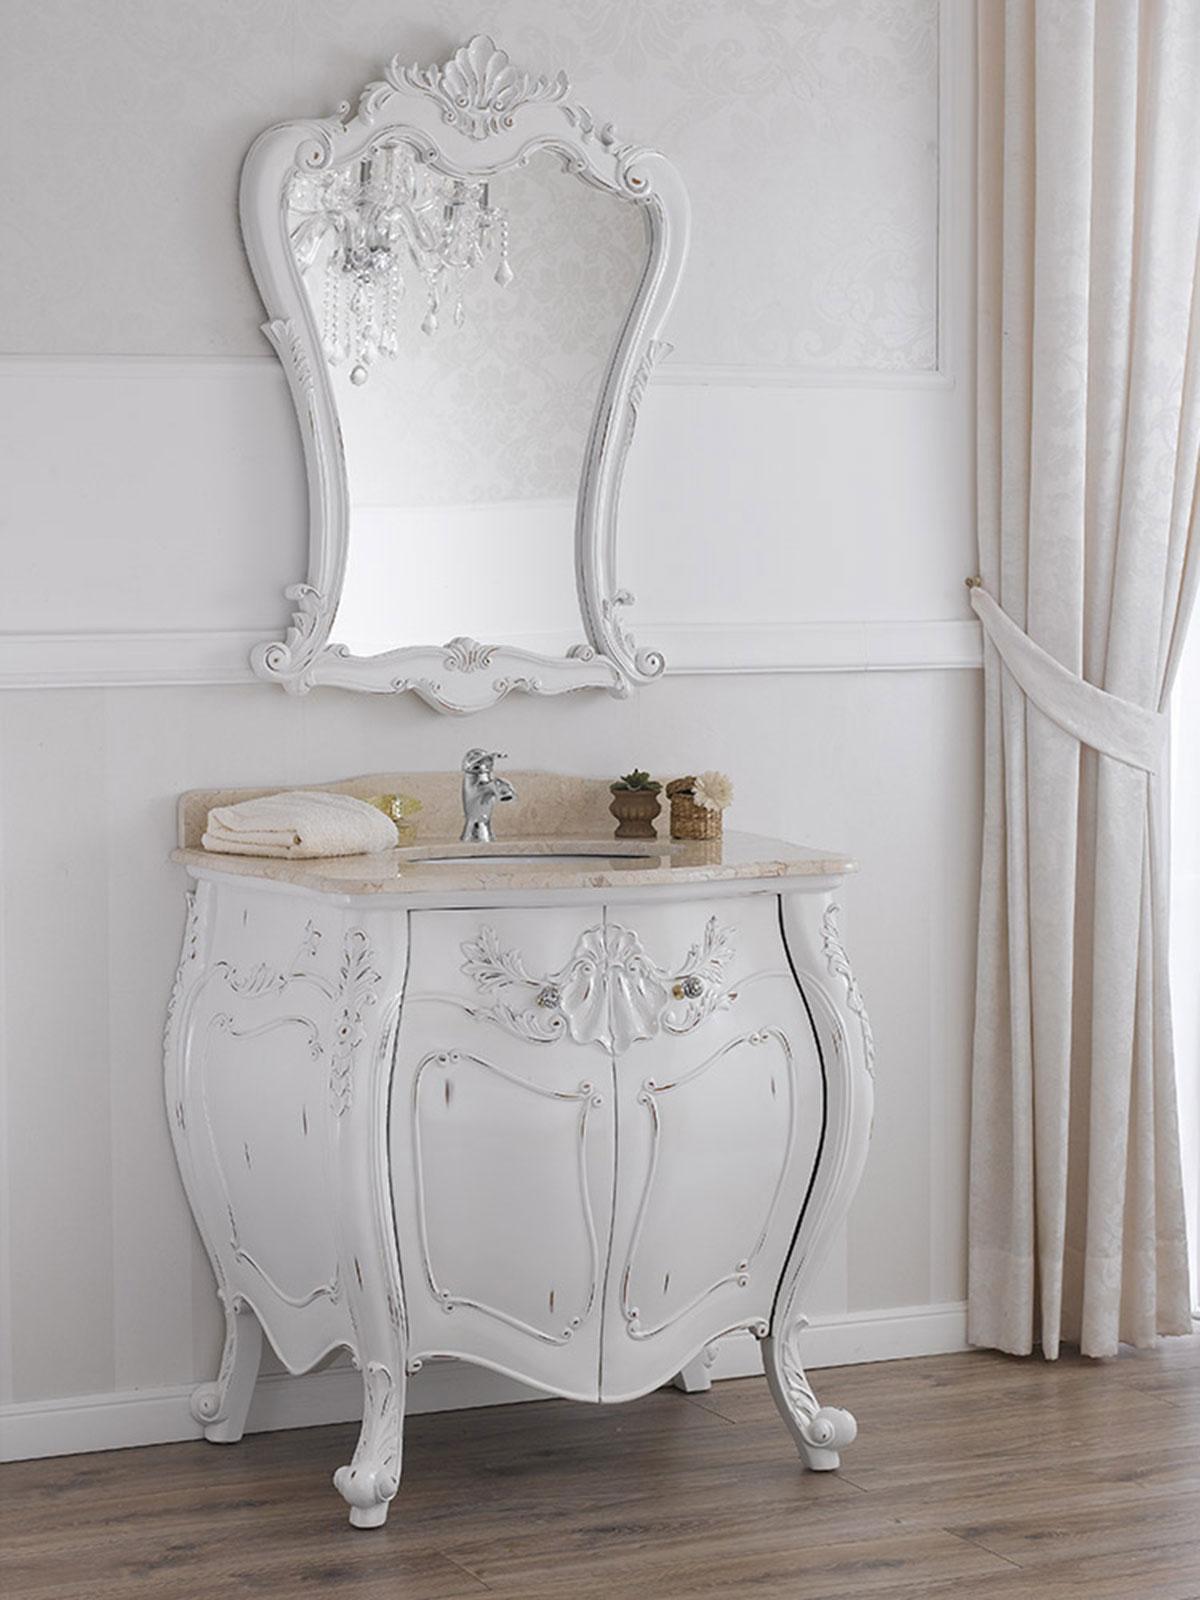 Badezimmerschrank mit Spiegel Anderson Shabby Chic Stil